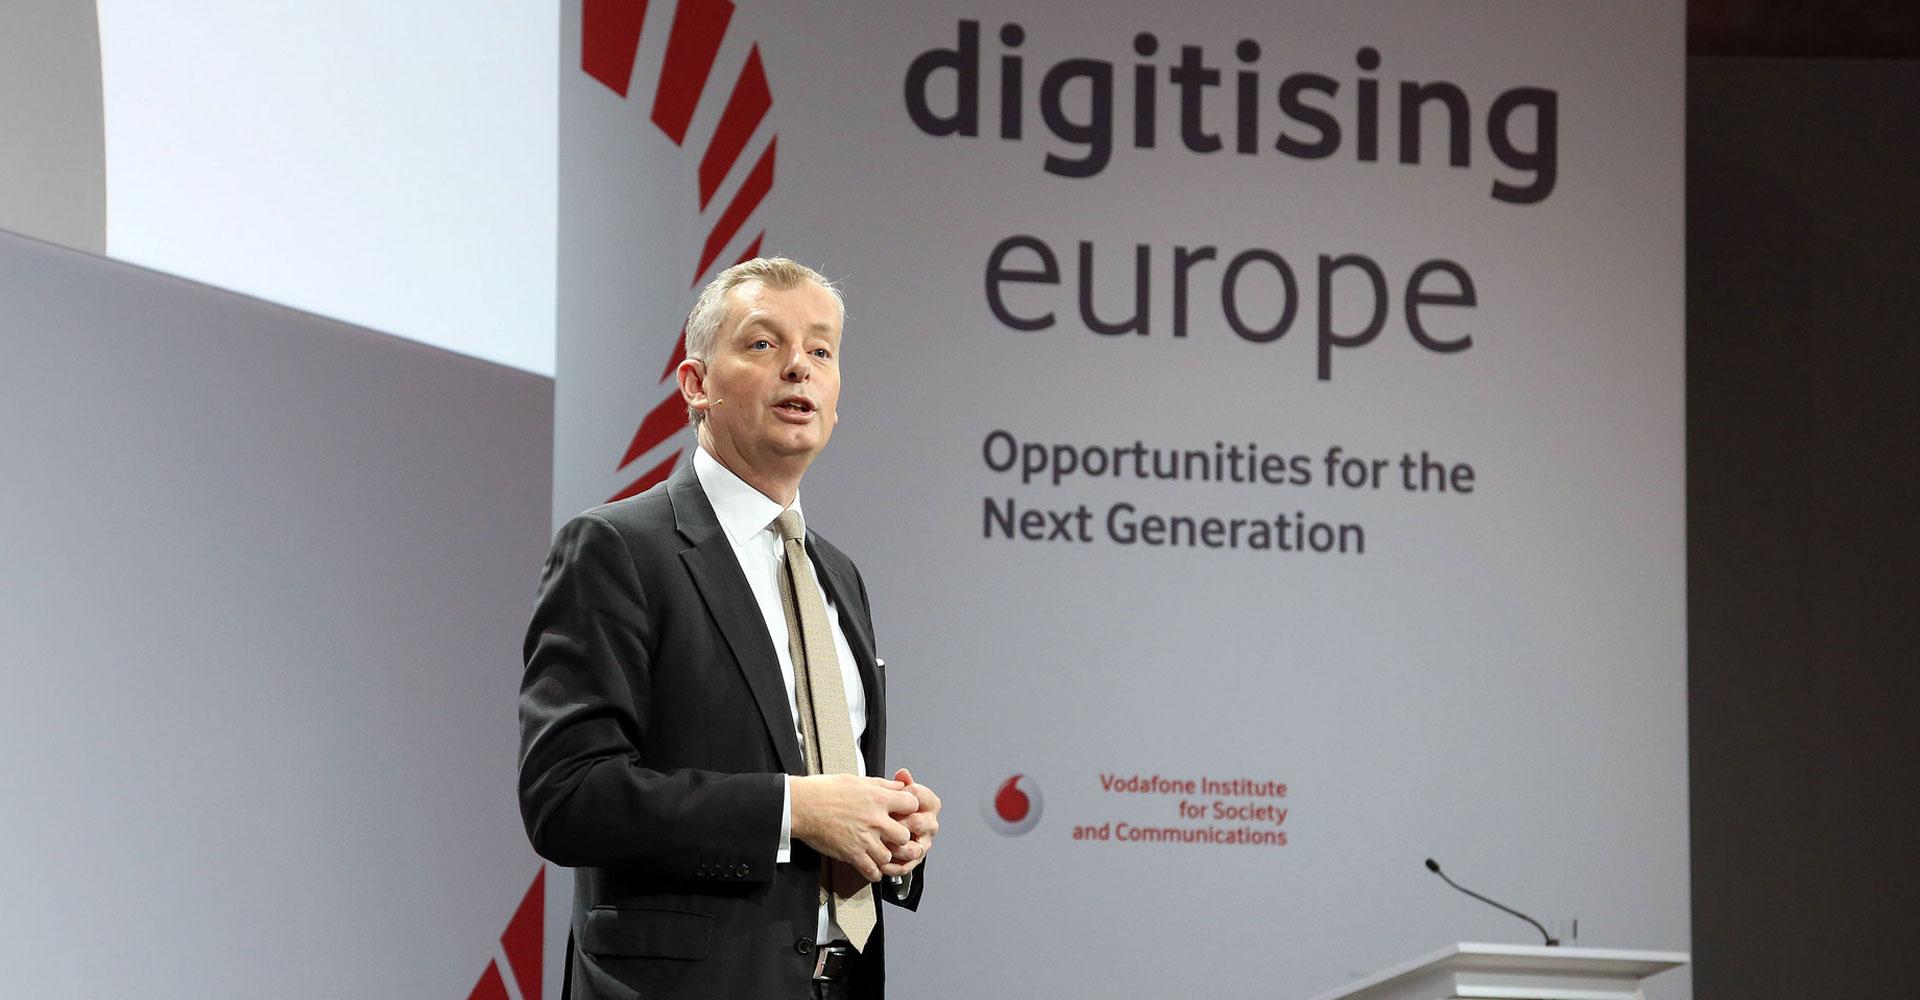 Digitising Europe 2019